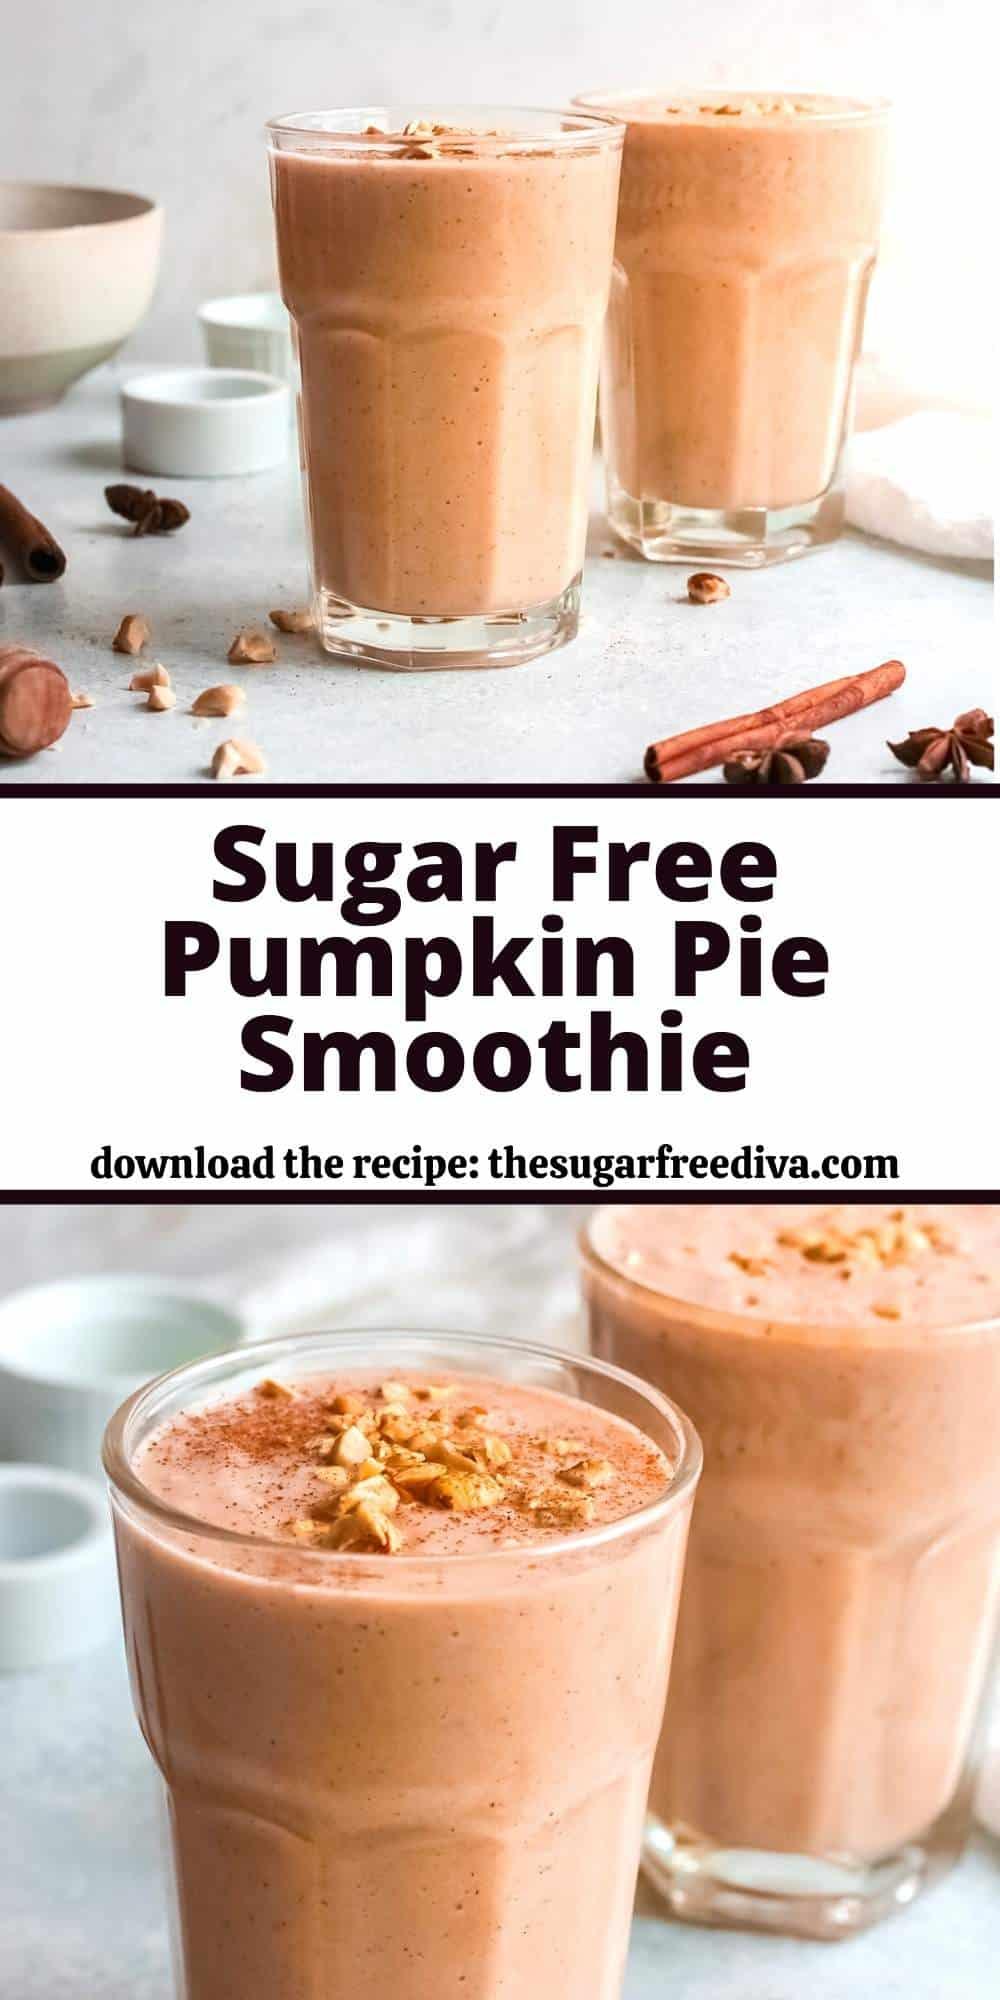 Sugar Free Pumpkin Pie Smoothie